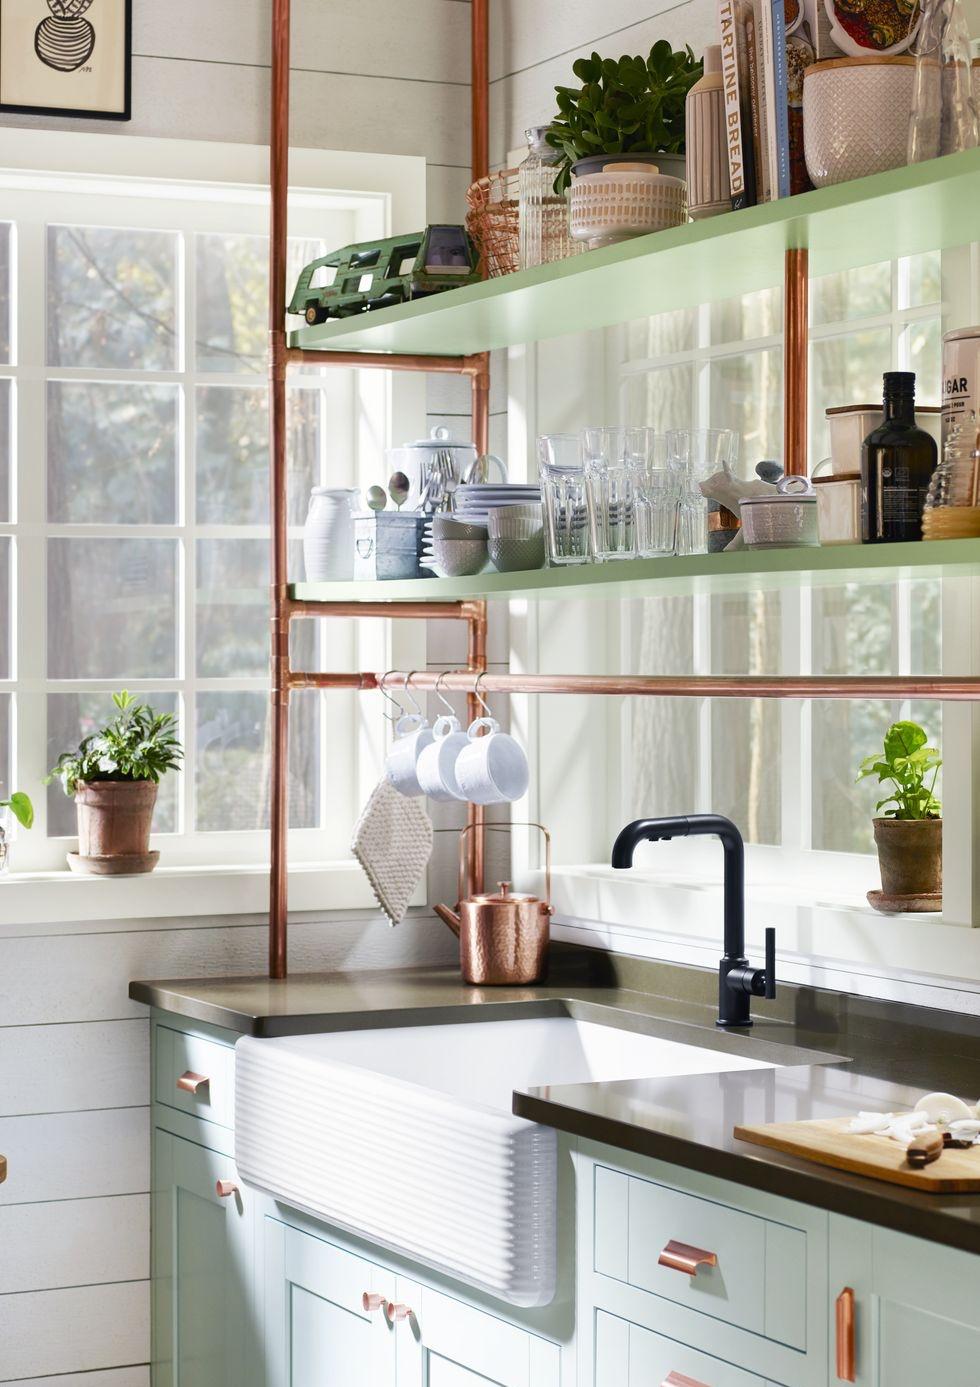 Chỉ với một góc nhỏ xíu, bạn có thể biến thành nhà bếp dễ thương với 4 chiến lược thông minh này - Ảnh 4.